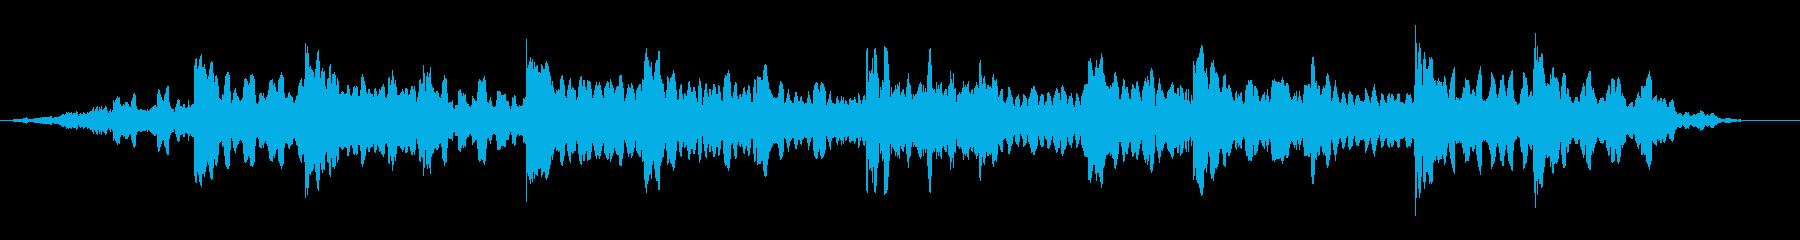 Subcenter (UP-10)の再生済みの波形